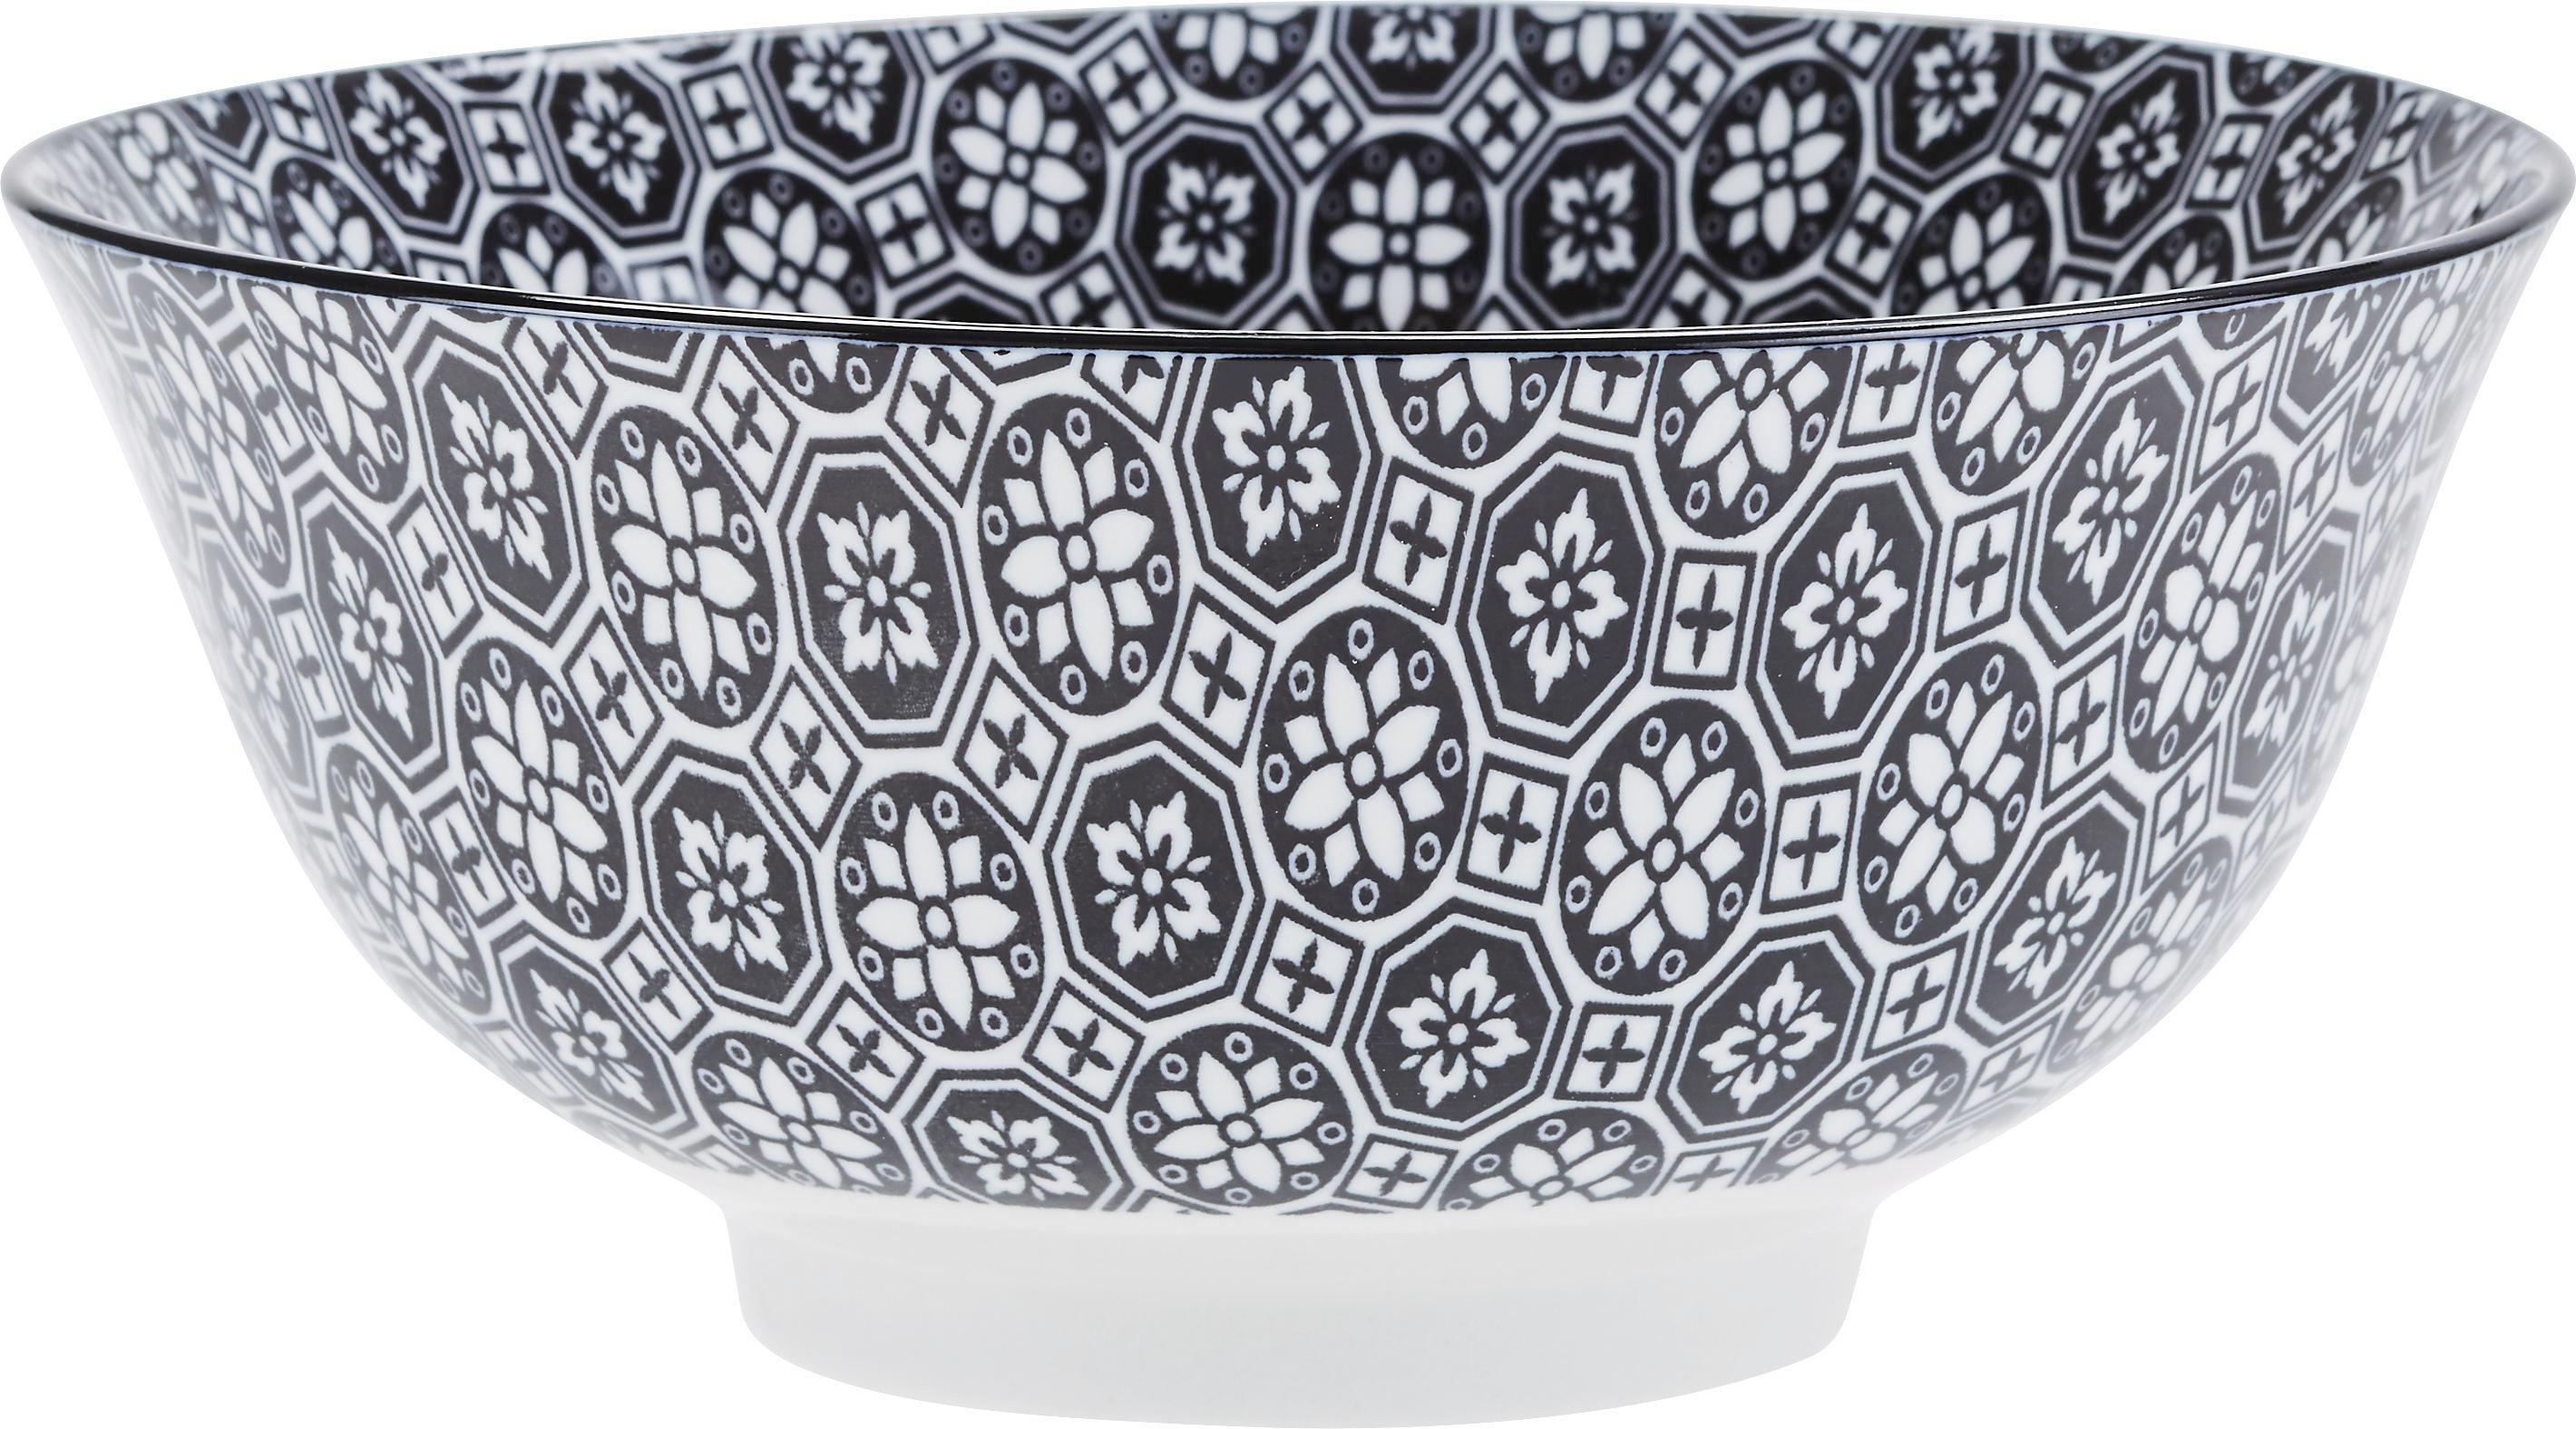 Skodelica Za Kosmiče Shiva - črna/bela, Trendi, keramika (15,5/7,5cm) - MÖMAX modern living